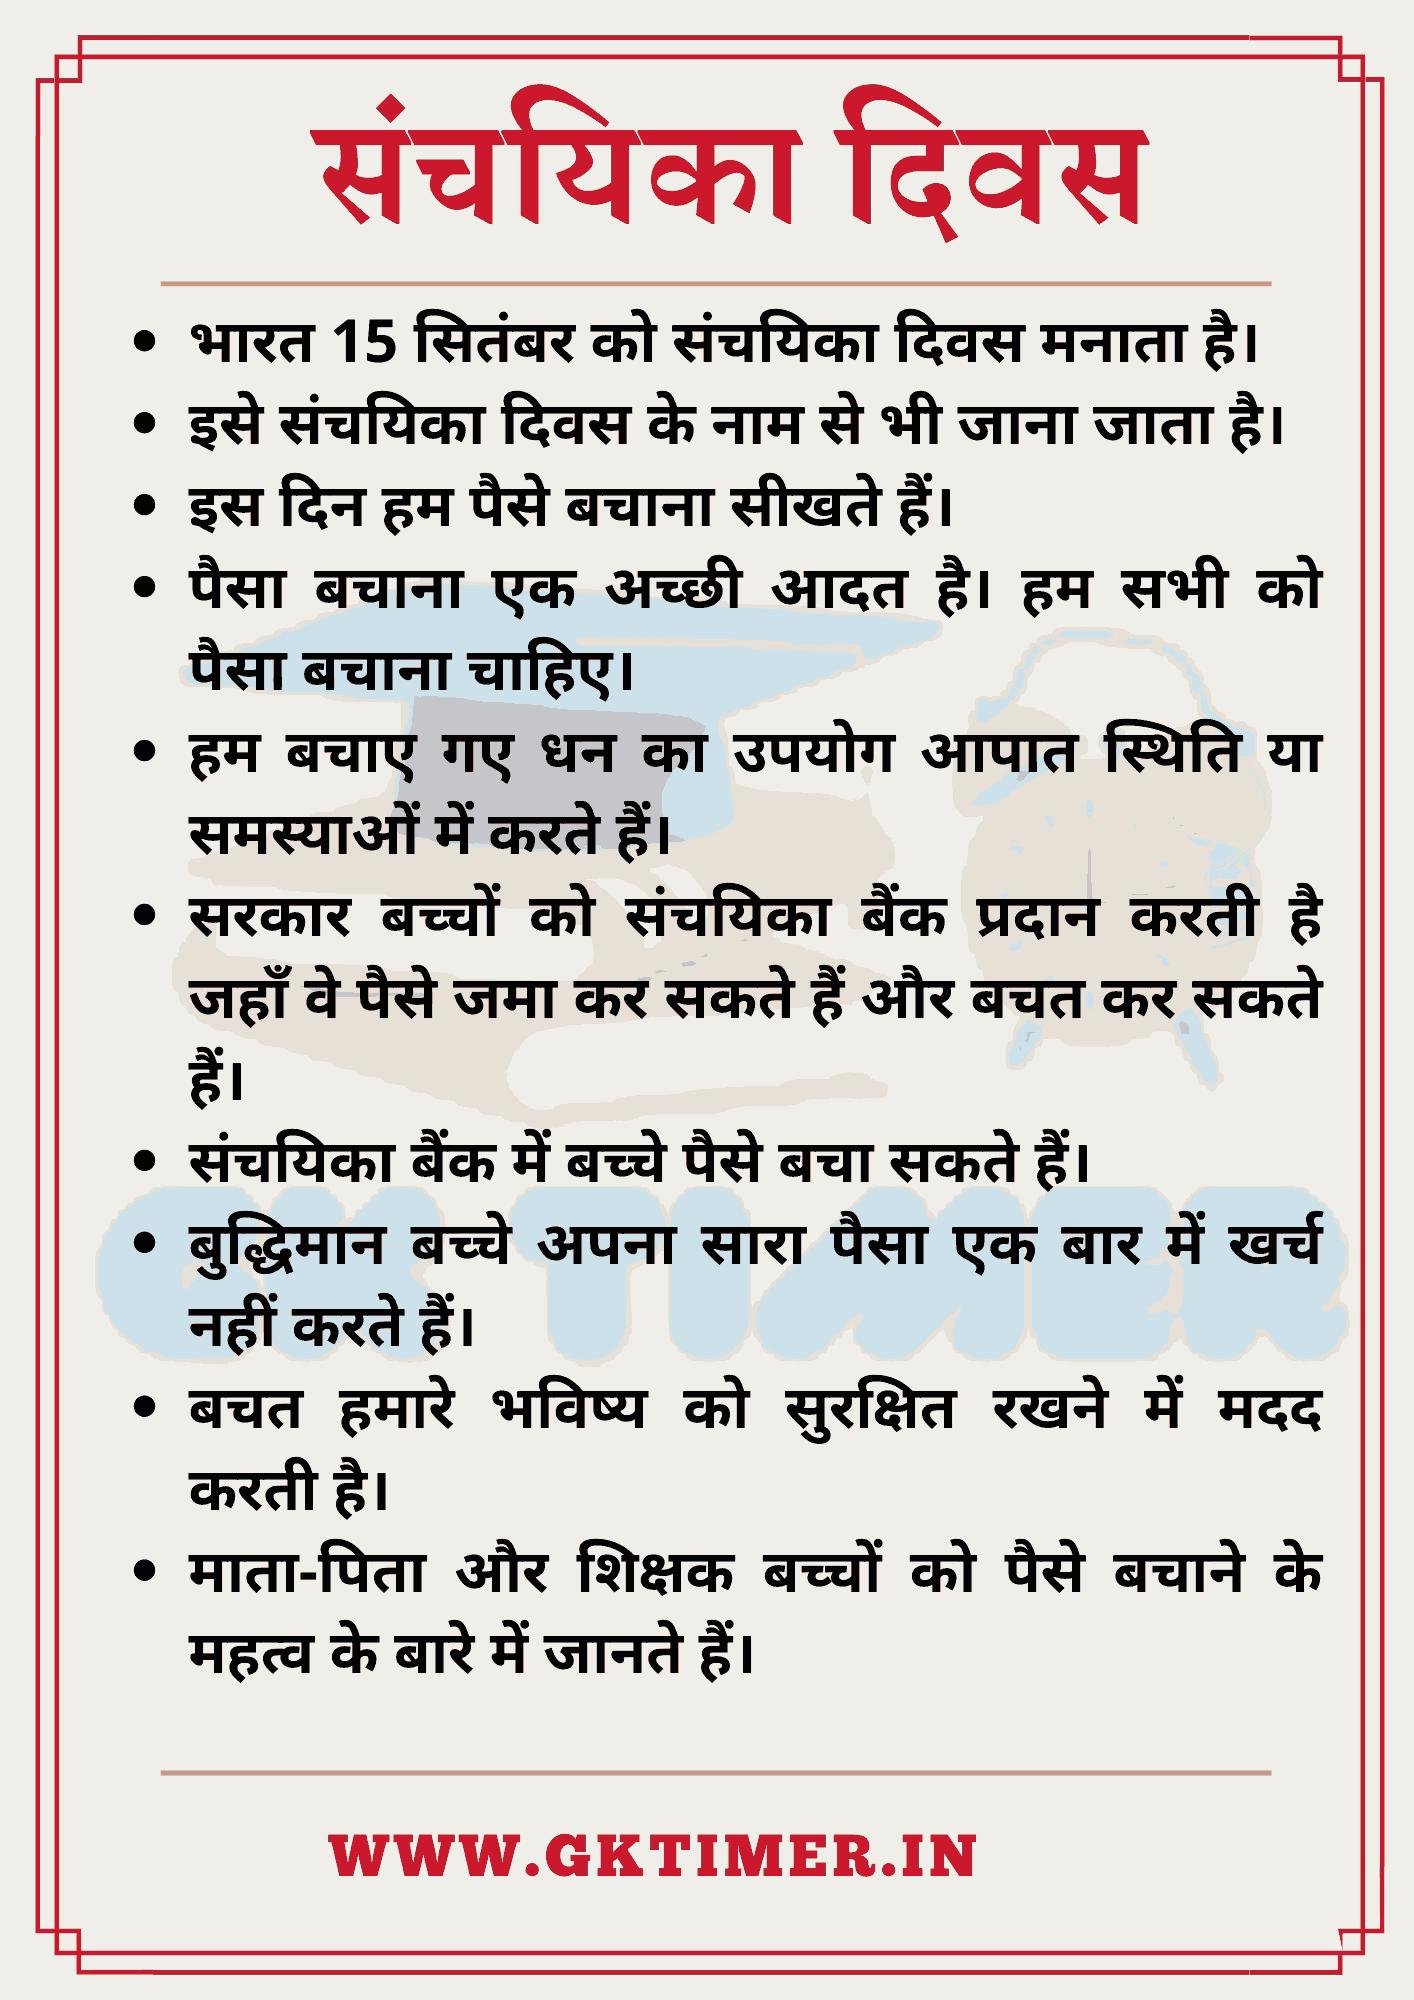 संचयिका दिवस पर निबंध | Essay on Sanchayika Day in Hindi | 10 Lines on Sanchayika Day in Hindi